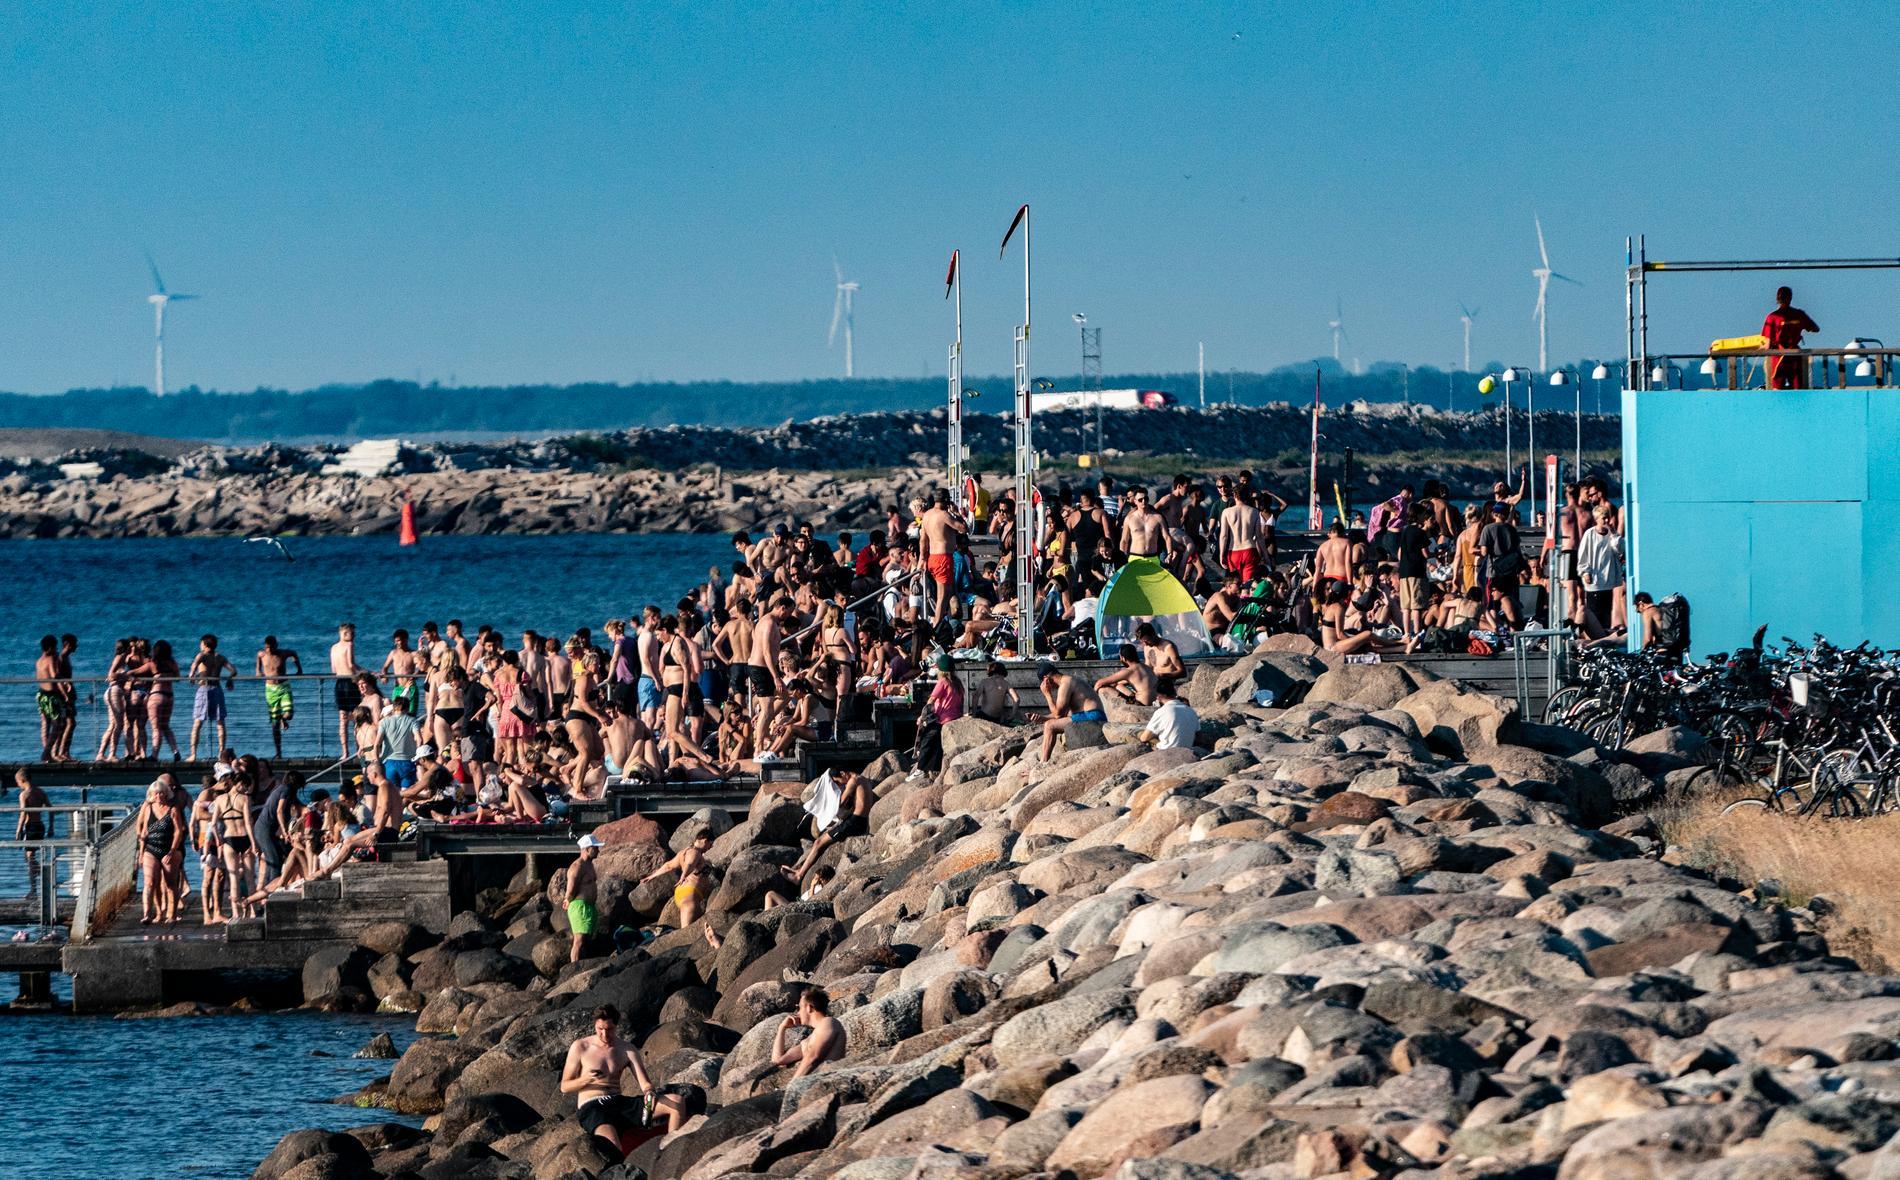 En badplats i Malmö som är ganska full av människor.